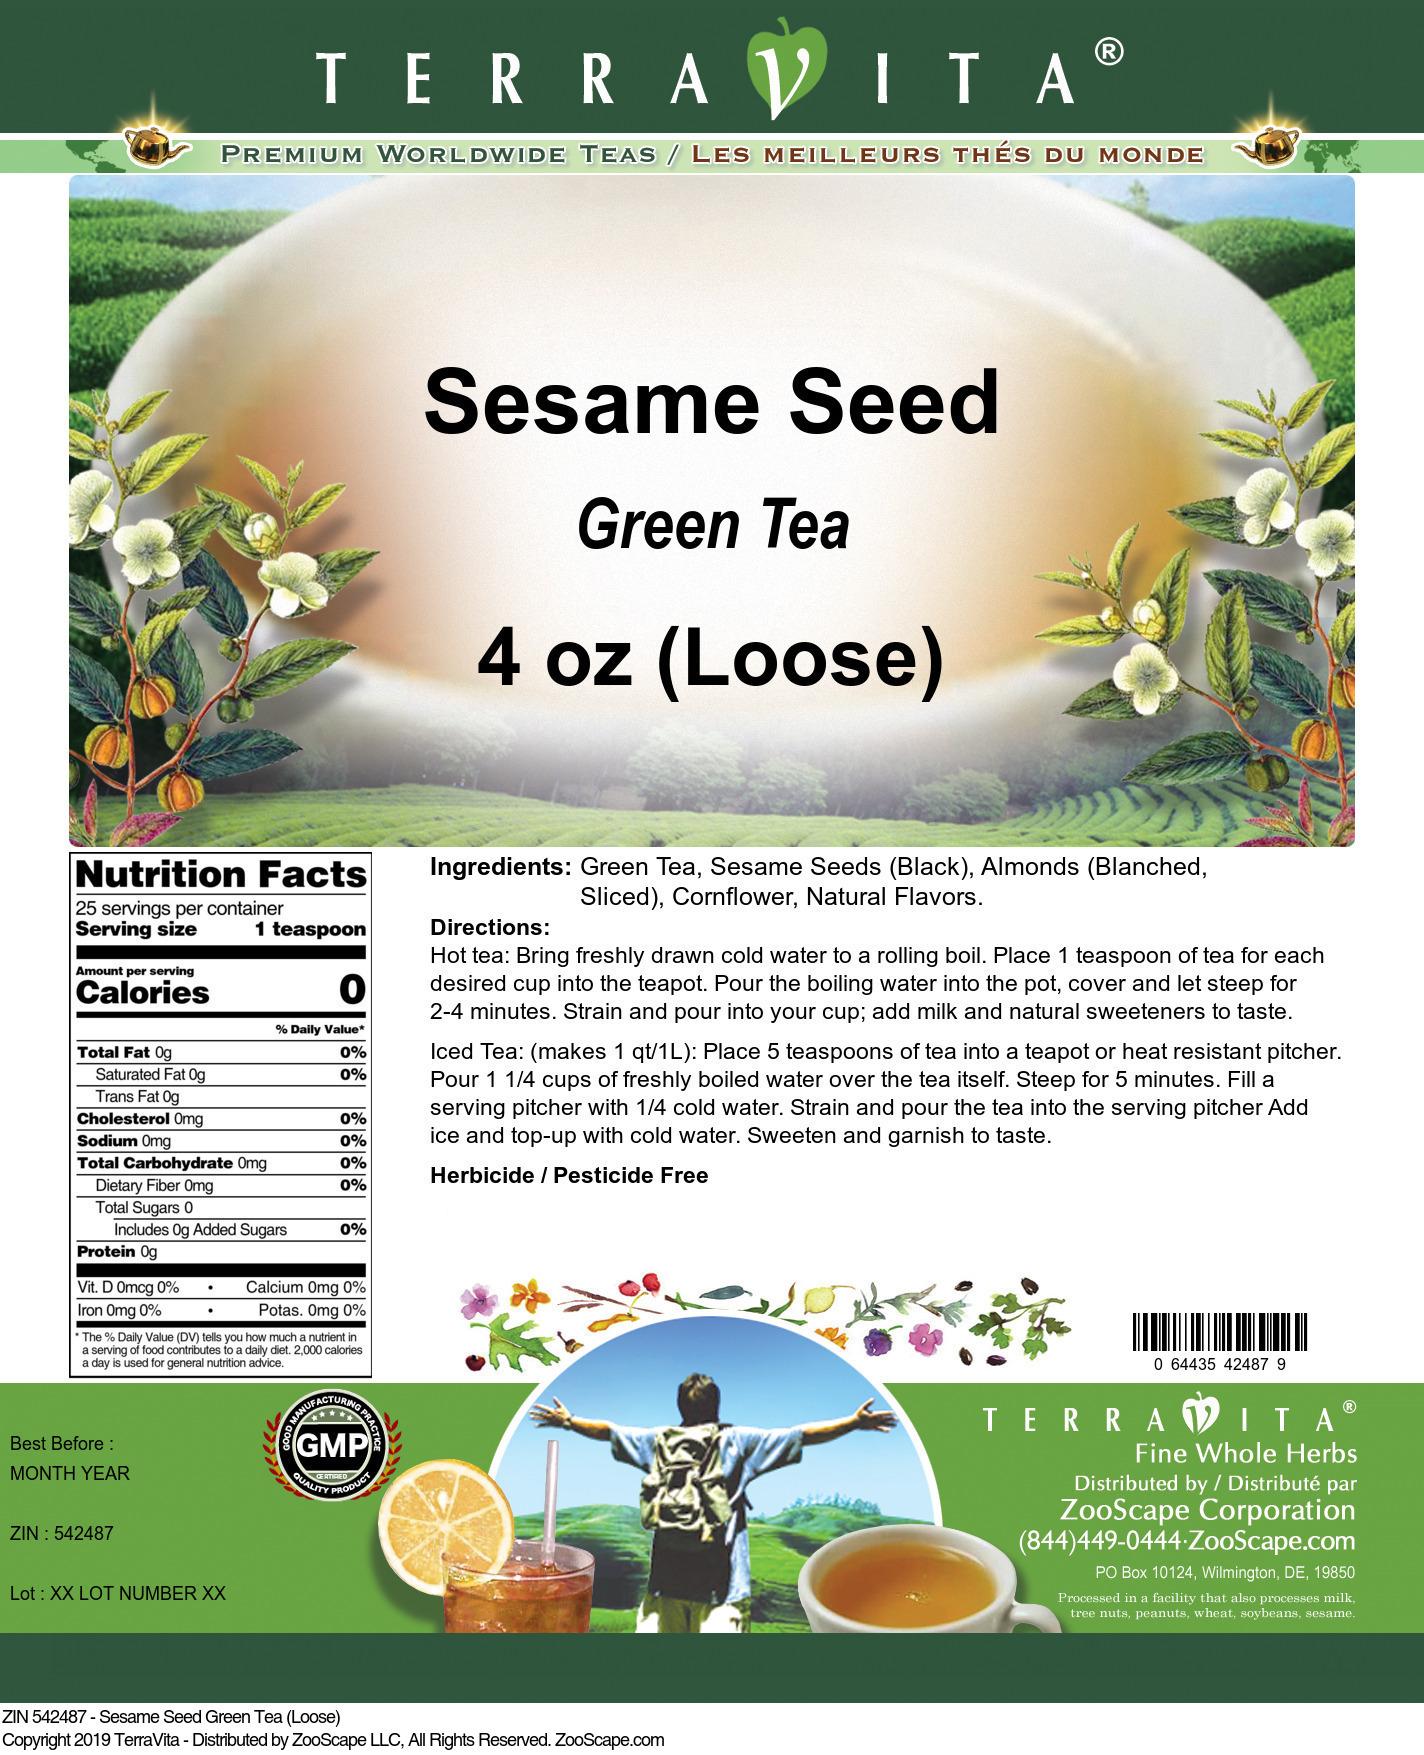 Sesame Seed Green Tea